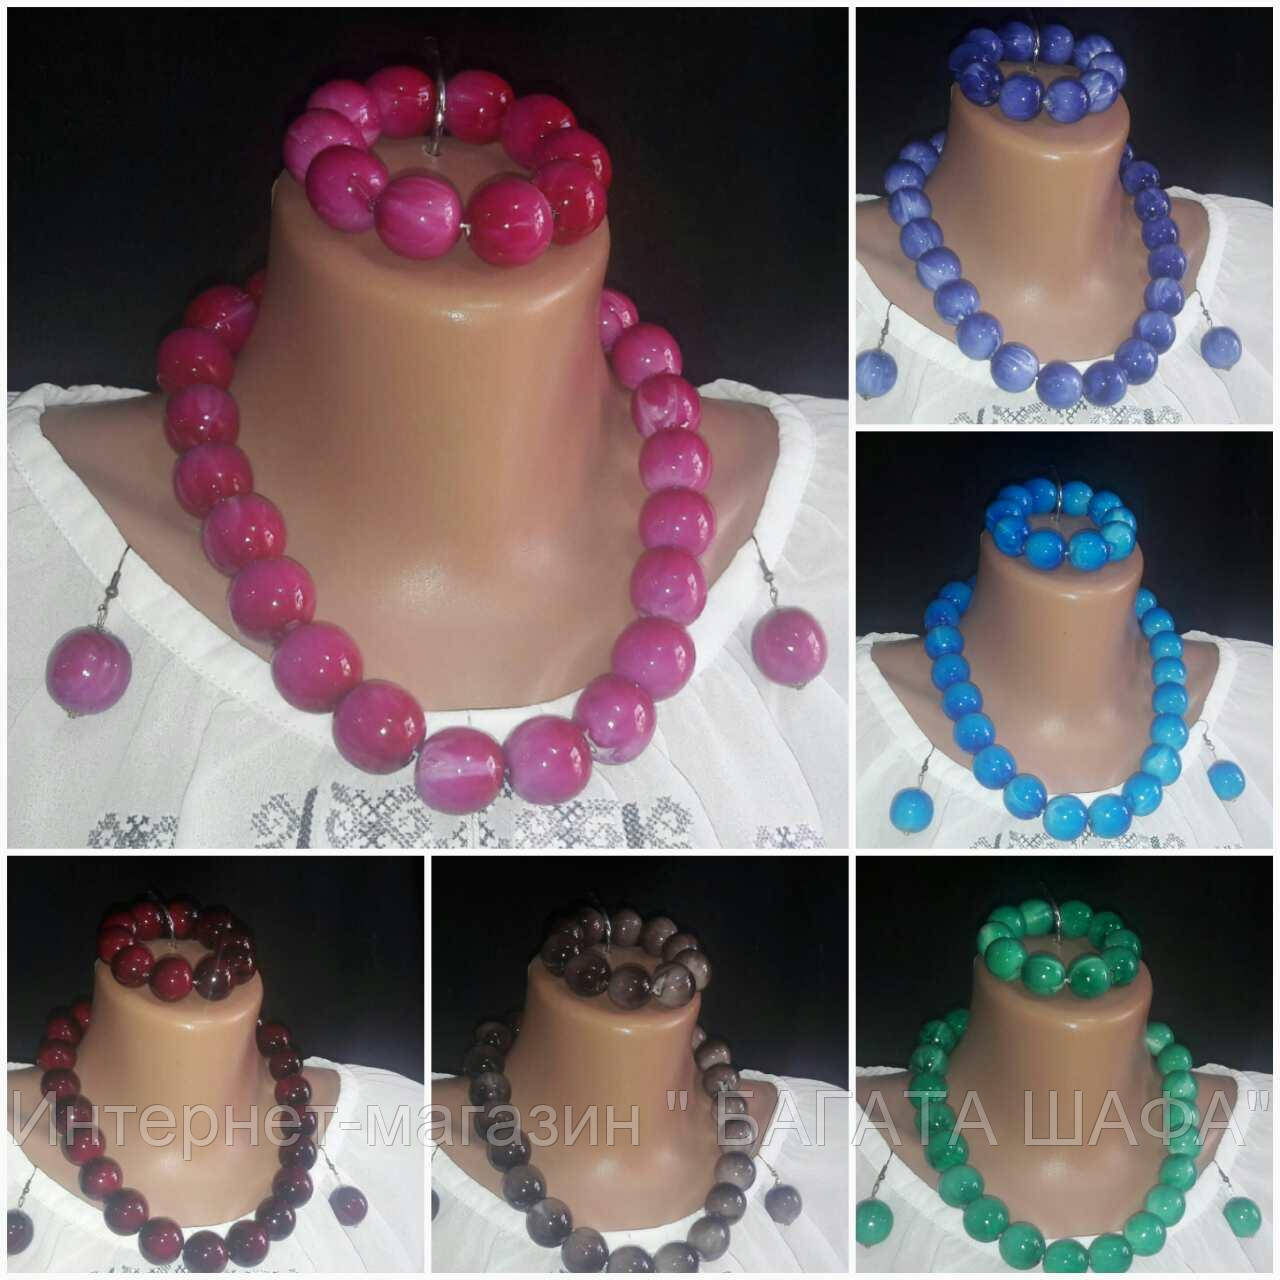 Комплект женский, деревянный, глянцевый, розовый, d бусин 2 см, 45/55 (цена за 1 шт.+10 грн), фото 1